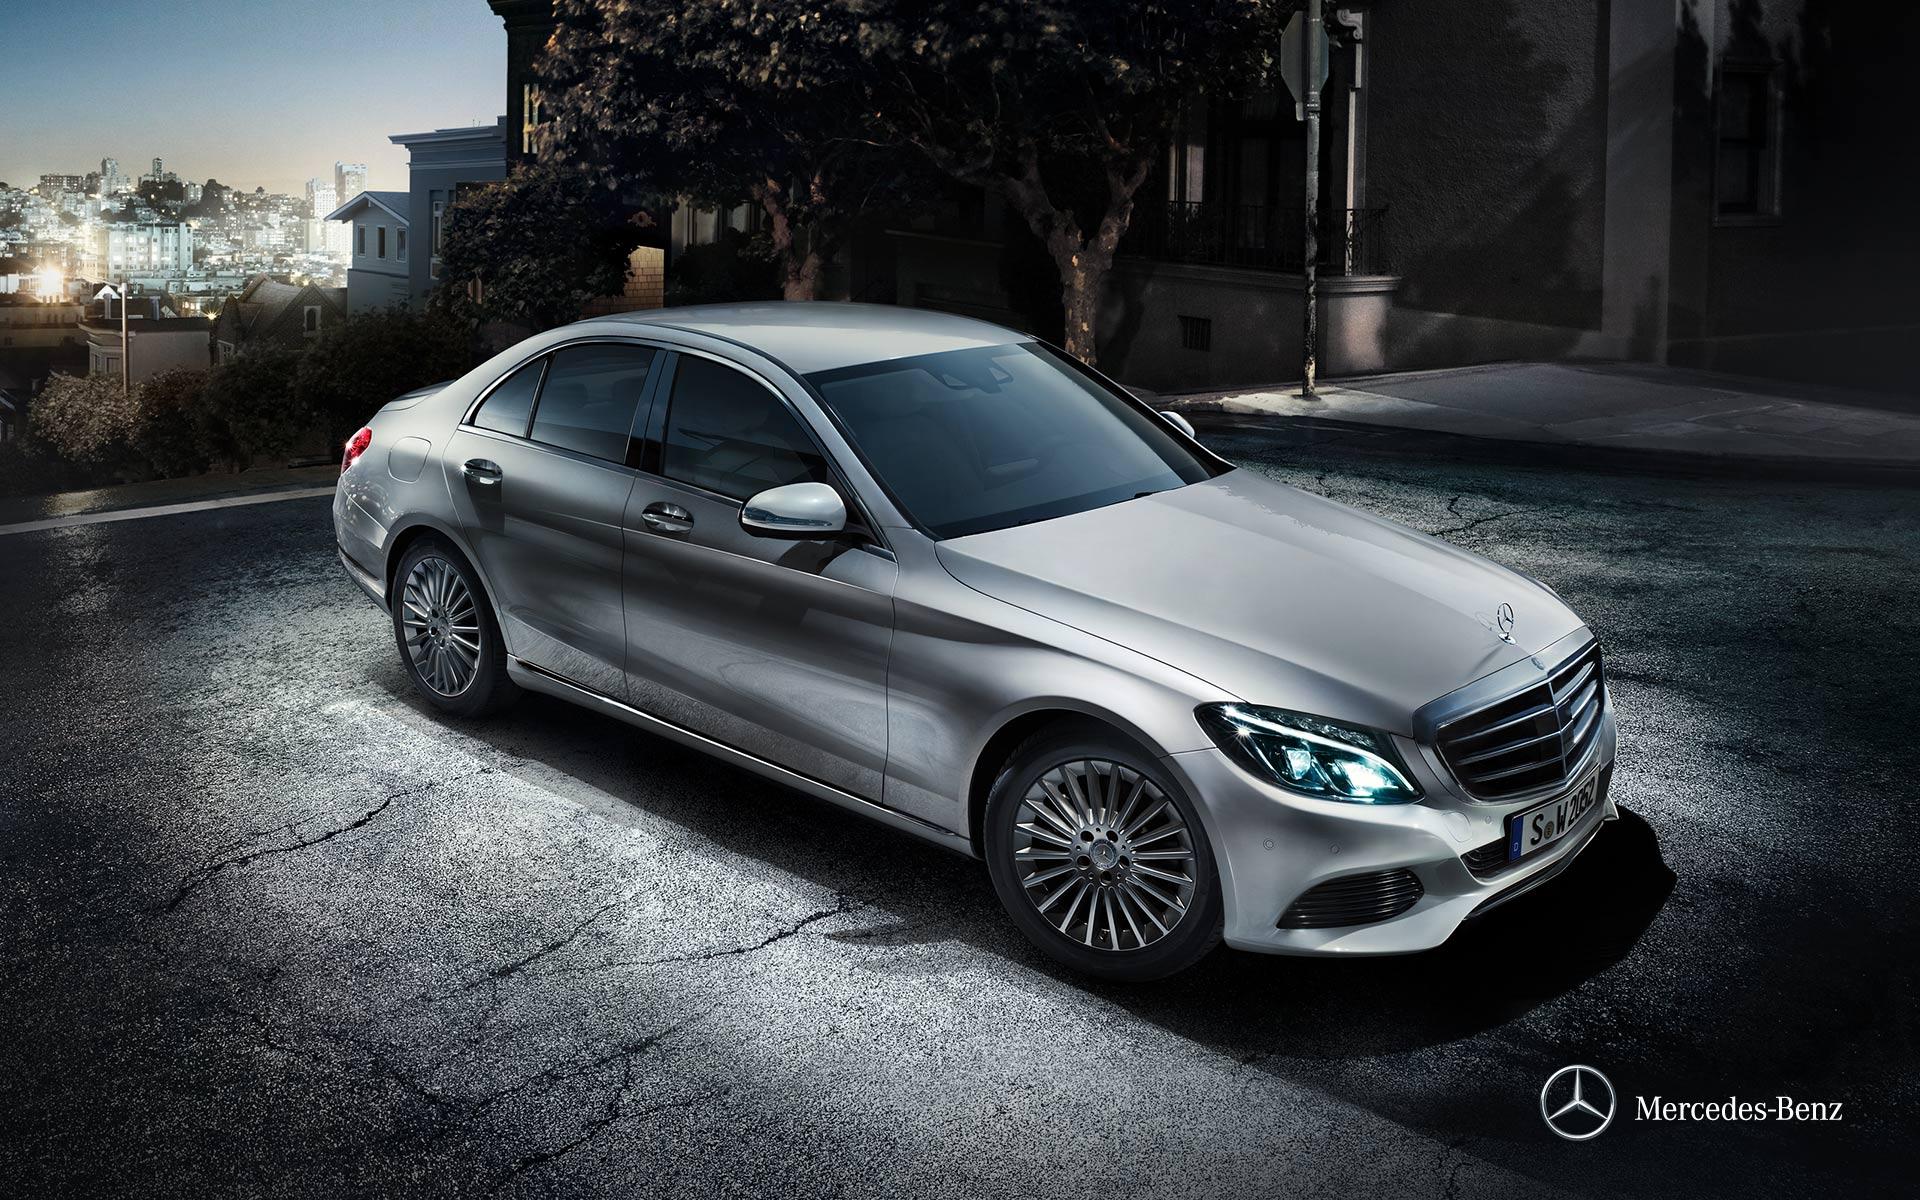 2014 Yeni Kasa Mercedes C Serisi T 252 Rkiye Fiyatı Ve Teknik